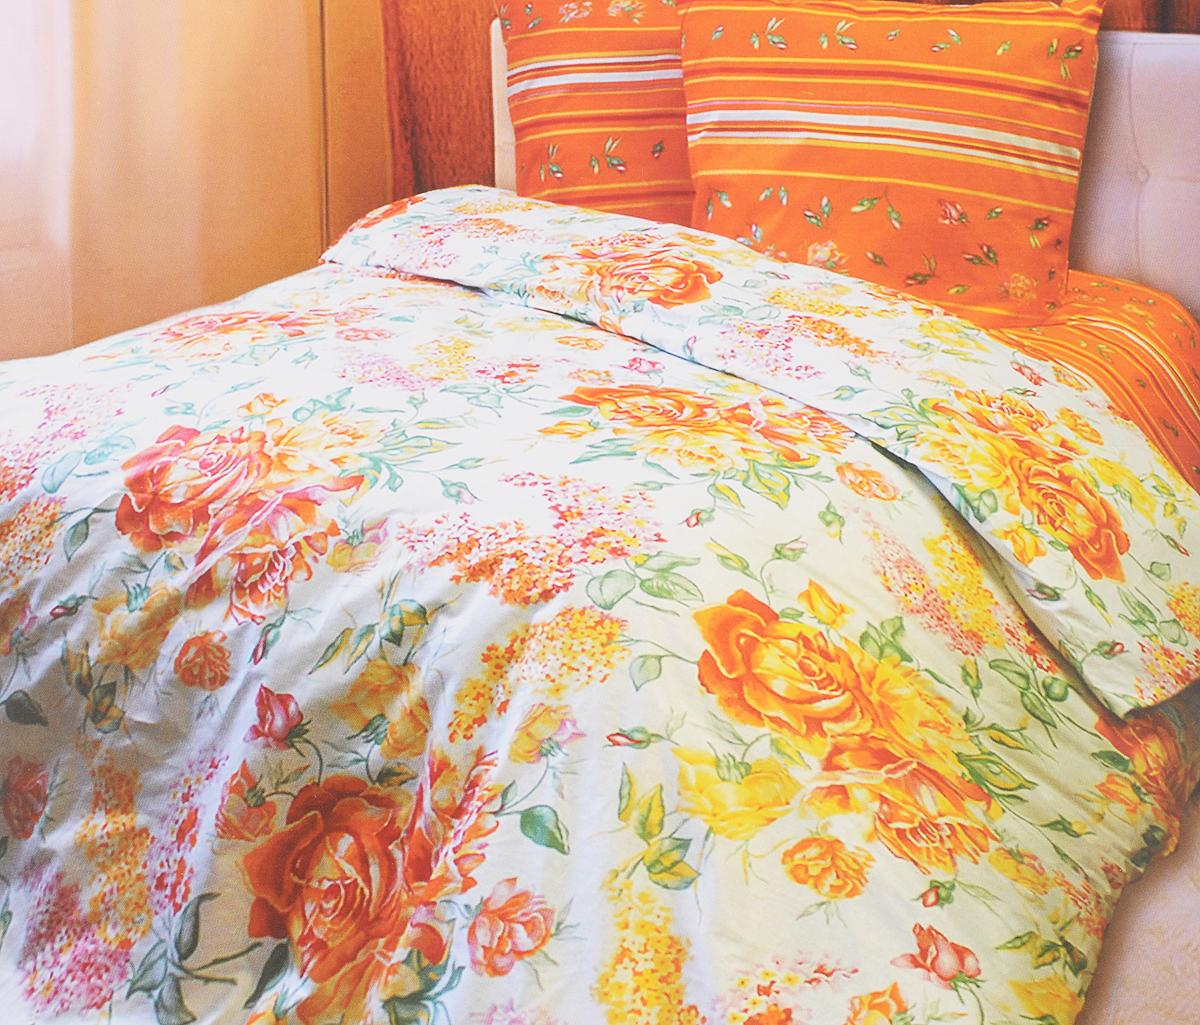 Комплект белья Катюша Сюзанна, 2-спальный, наволочки 70х70, цвет: белый, оранжевыйC-115/3839Комплект постельного белья Катюша Сюзанна является экологически безопасным для всей семьи, так как выполнен из бязи (100% хлопок). Комплект состоит из пододеяльника, простыни и двух наволочек. Постельное белье оформлено оригинальным рисунком и имеет изысканный внешний вид. Бязь - это ткань полотняного переплетения, изготовленная из экологически чистого и натурального 100% хлопка. Она прочная, мягкая, обладает низкой сминаемостью, легко стирается и хорошо гладится. Бязь прекрасно пропускает воздух и за ней легко ухаживать. При соблюдении рекомендуемых условий стирки, сушки и глажения ткань имеет усадку по ГОСТу, сохранятся яркость текстильных рисунков. Приобретая комплект постельного белья Катюша Сюзанна, вы можете быть уверенны в том, что покупка доставит вам и вашим близким удовольствие и подарит максимальный комфорт.